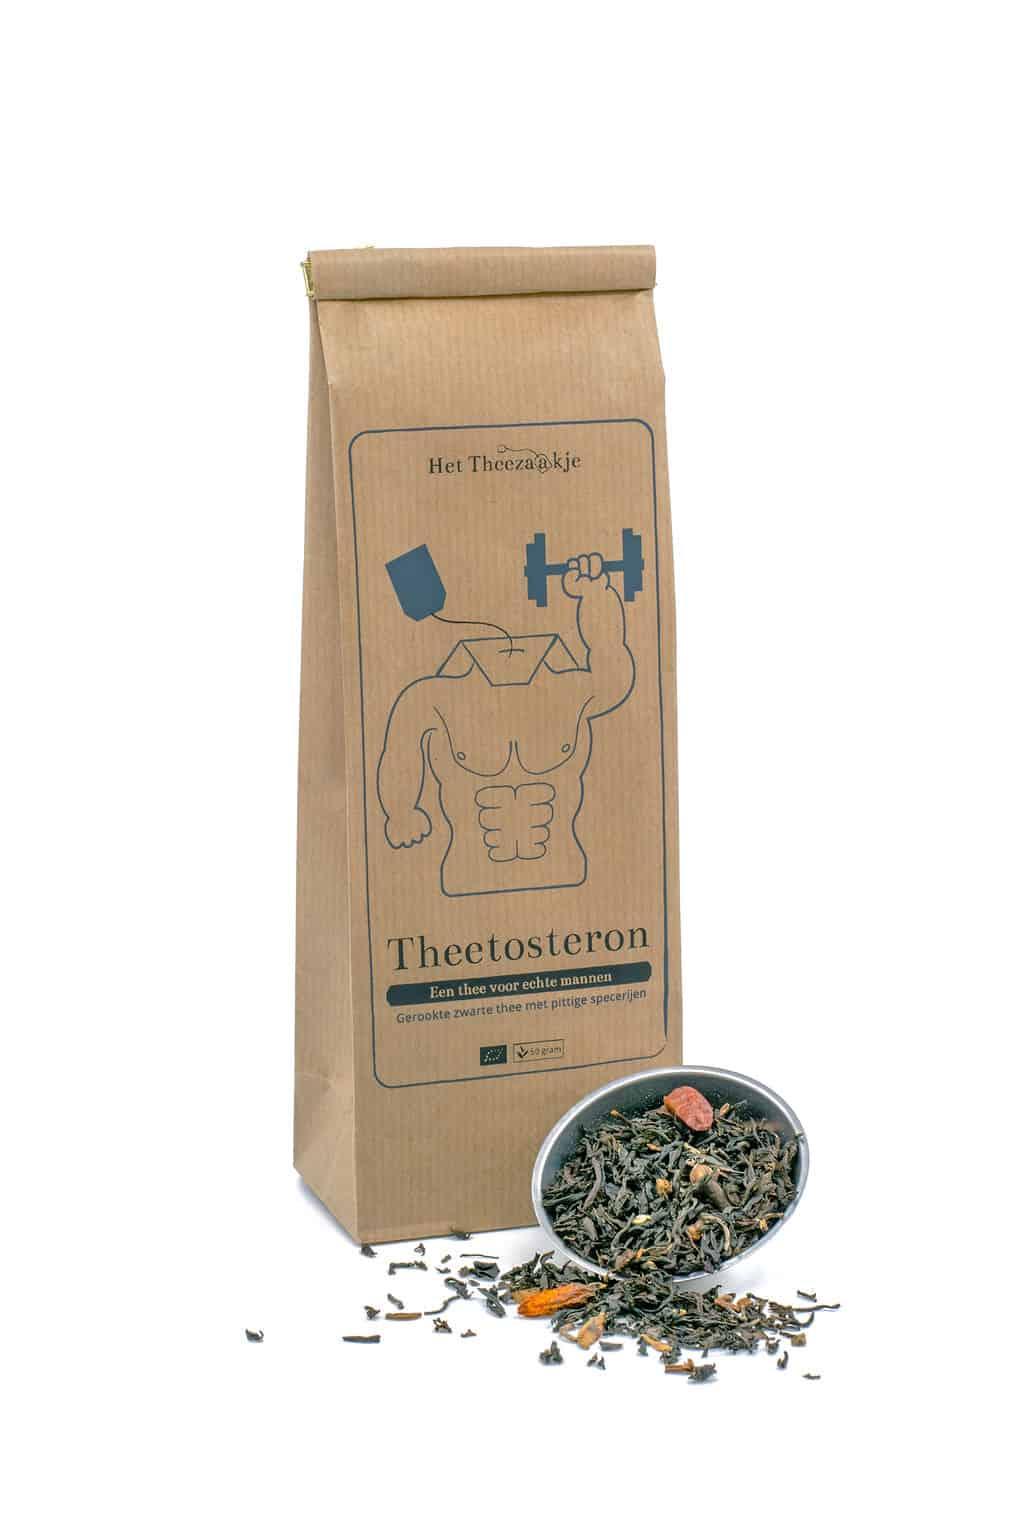 Theetosteron – Een thee voor echte mannen